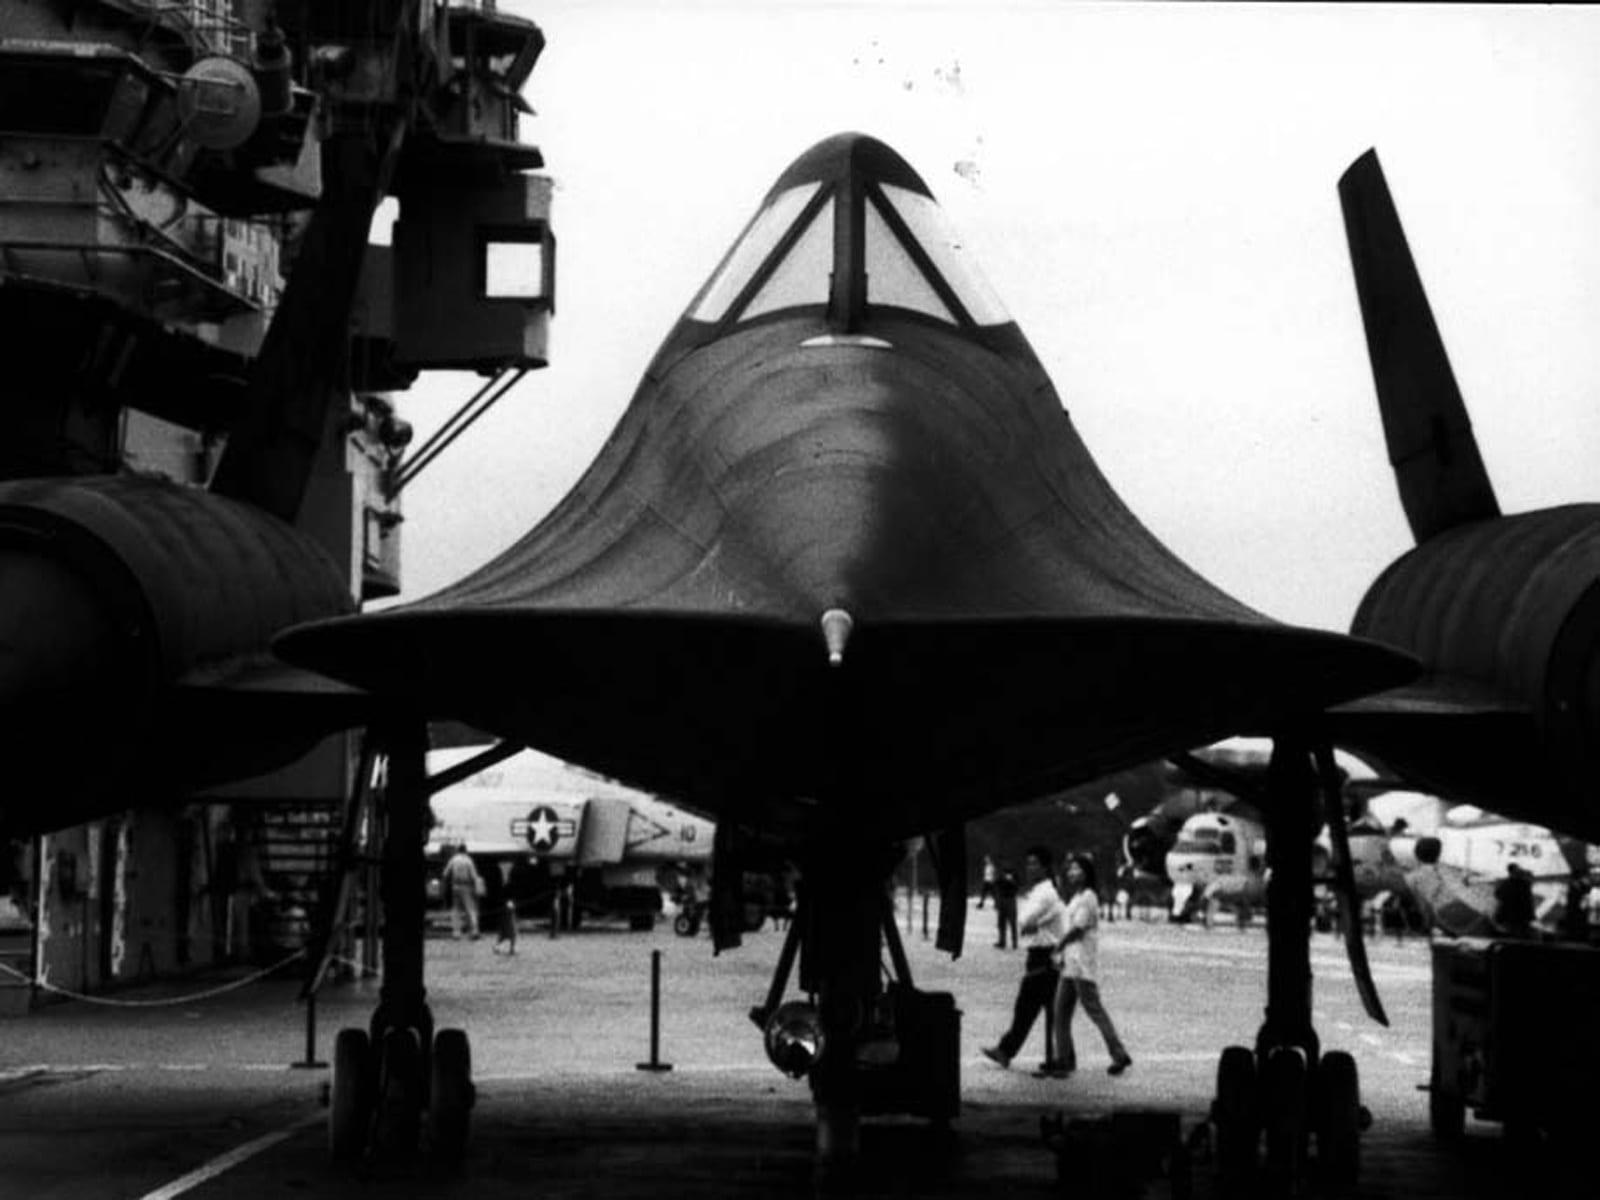 Front shot of SR-71 Blackbird Mach 3 aircraft